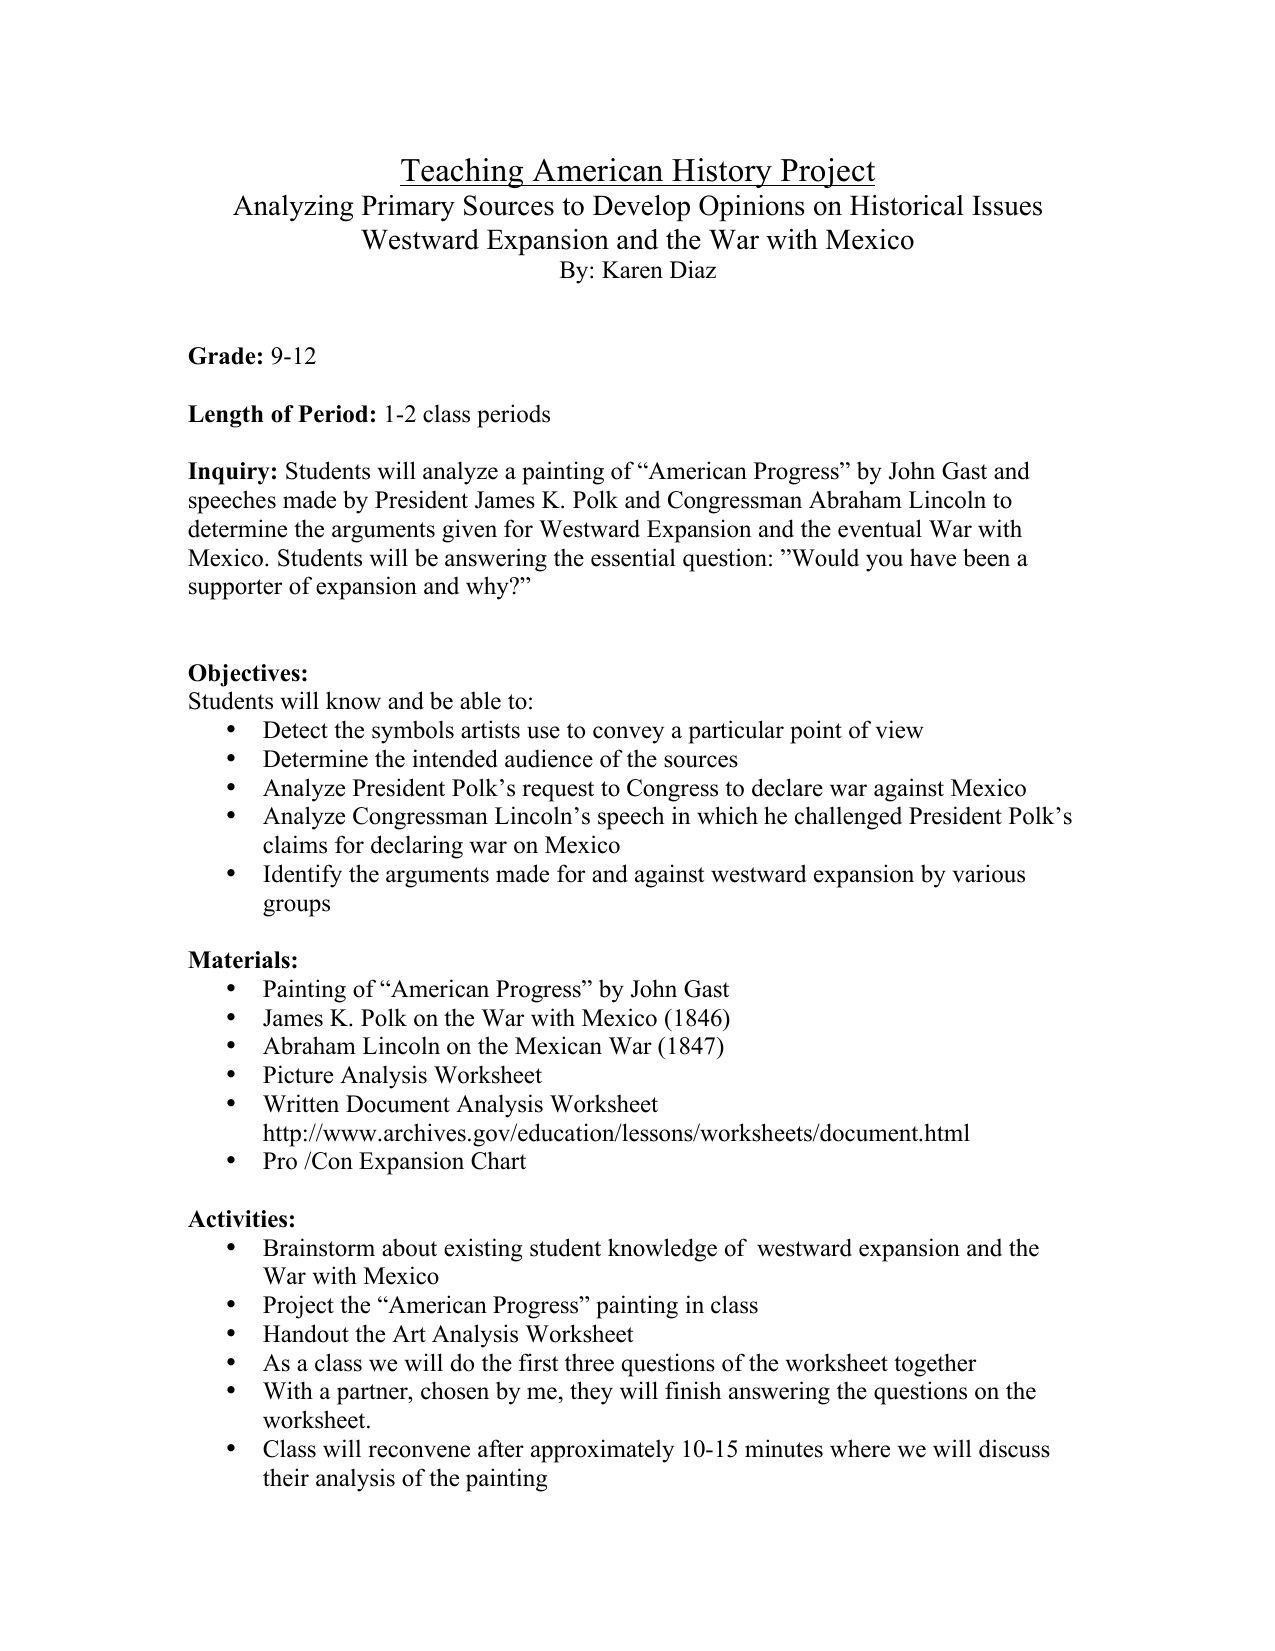 Artysis Worksheet